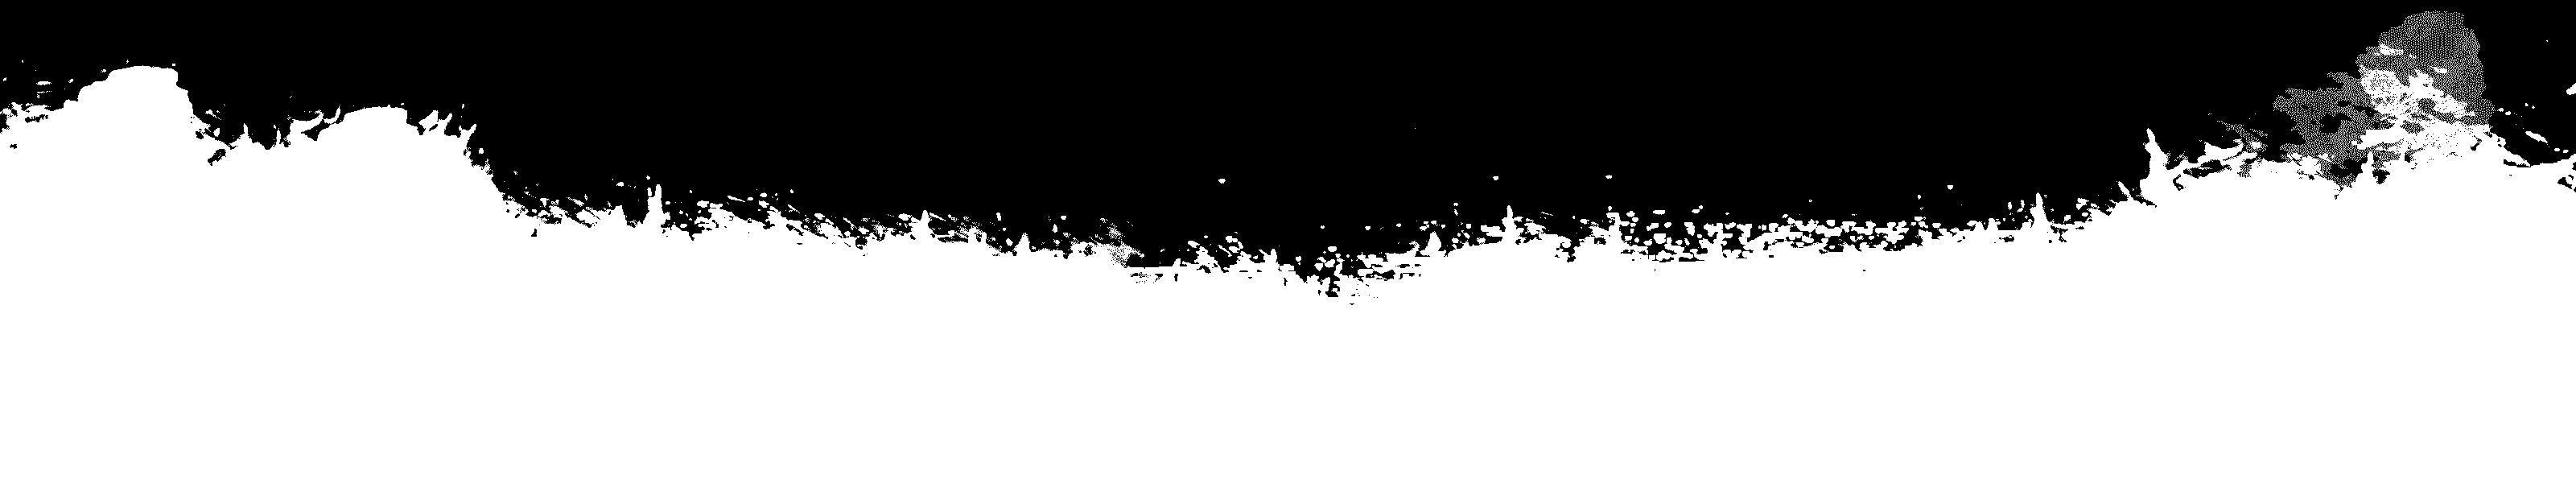 Weißer Vordergrund